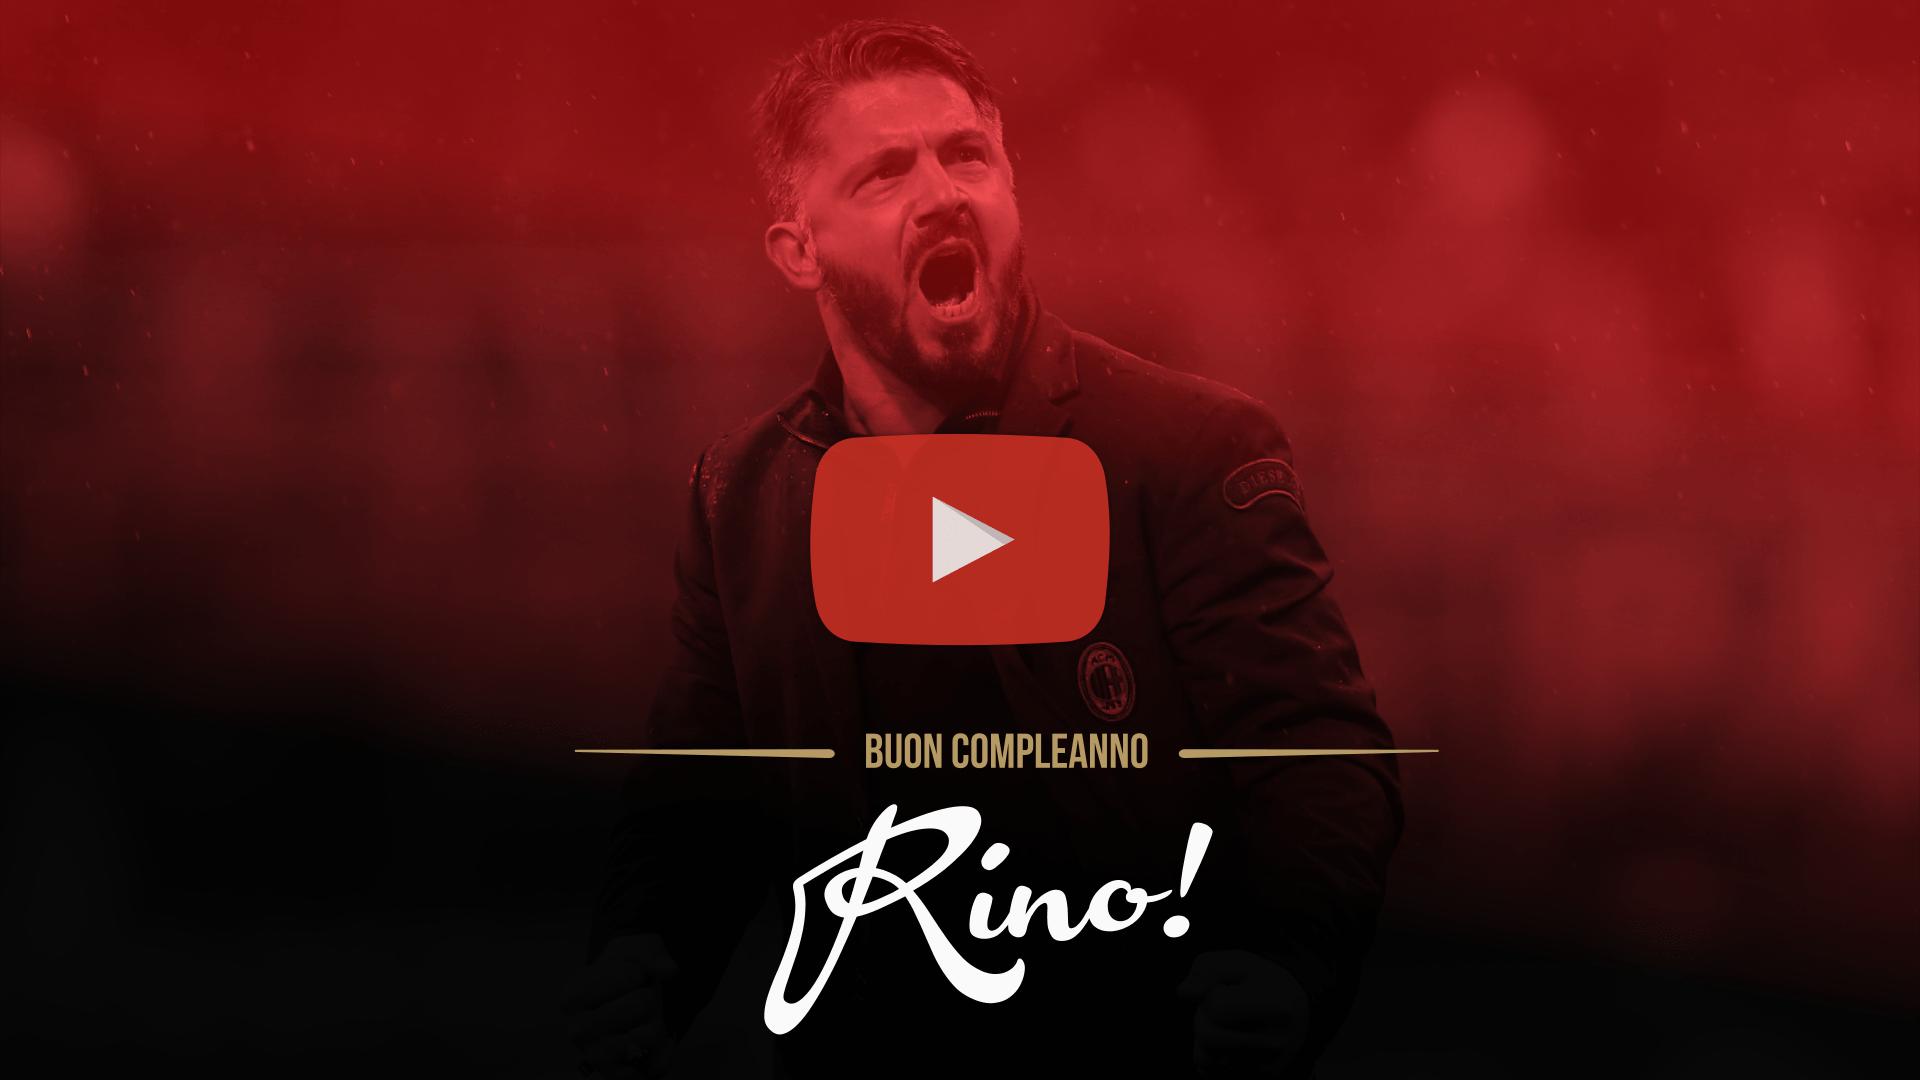 Un video speciale per festeggiare i 40 anni di Rino Gattuso